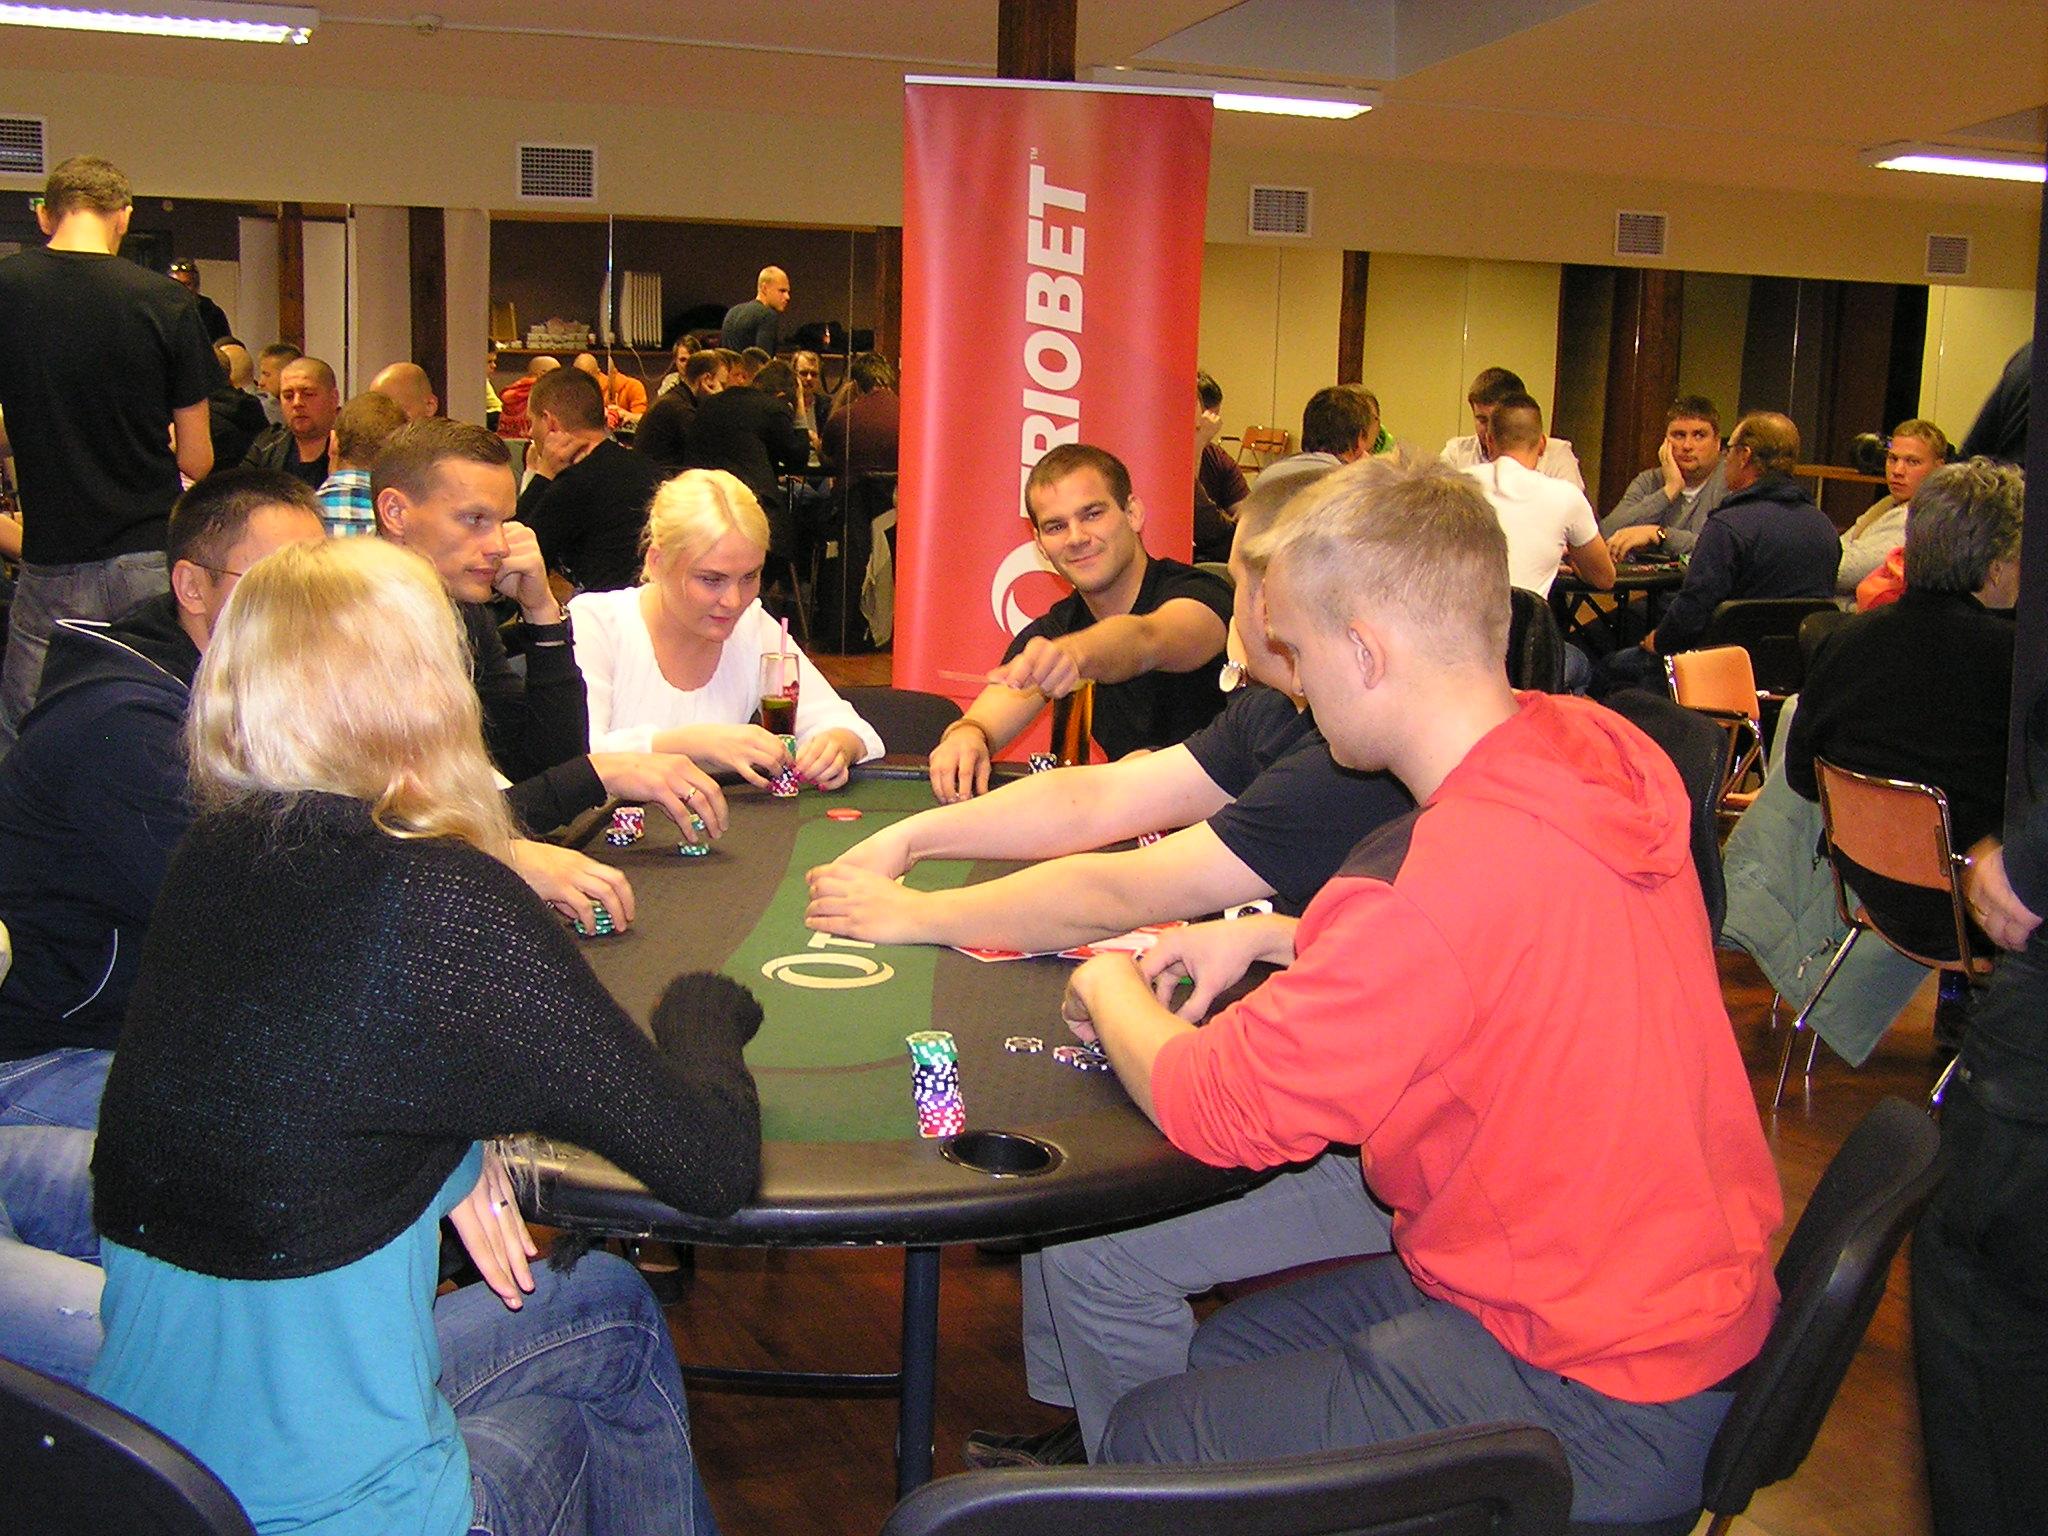 Esimeseks Rakvere pokkerimeistriks tuli Turnapro Ott Jaakson 101